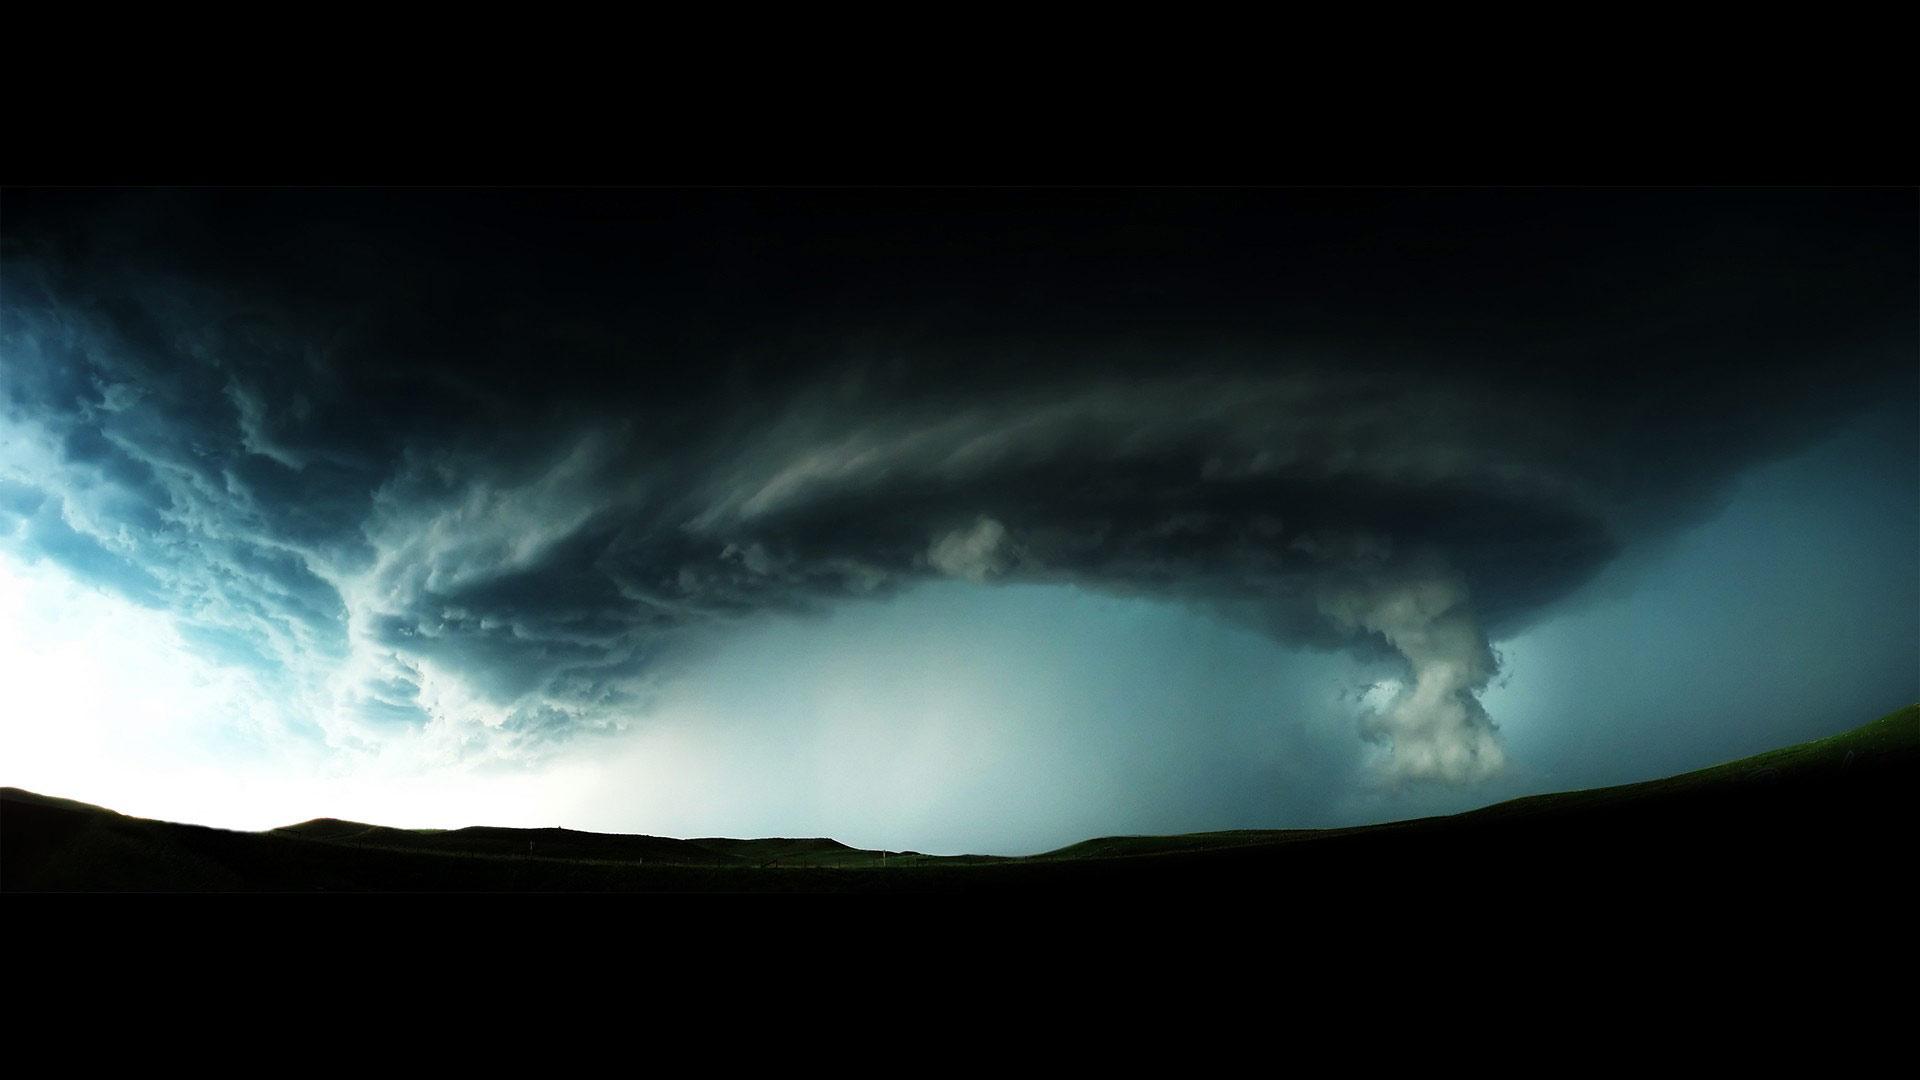 Thunderstorm Wallpaper Hd | wallpaper, wallpaper hd, background ...